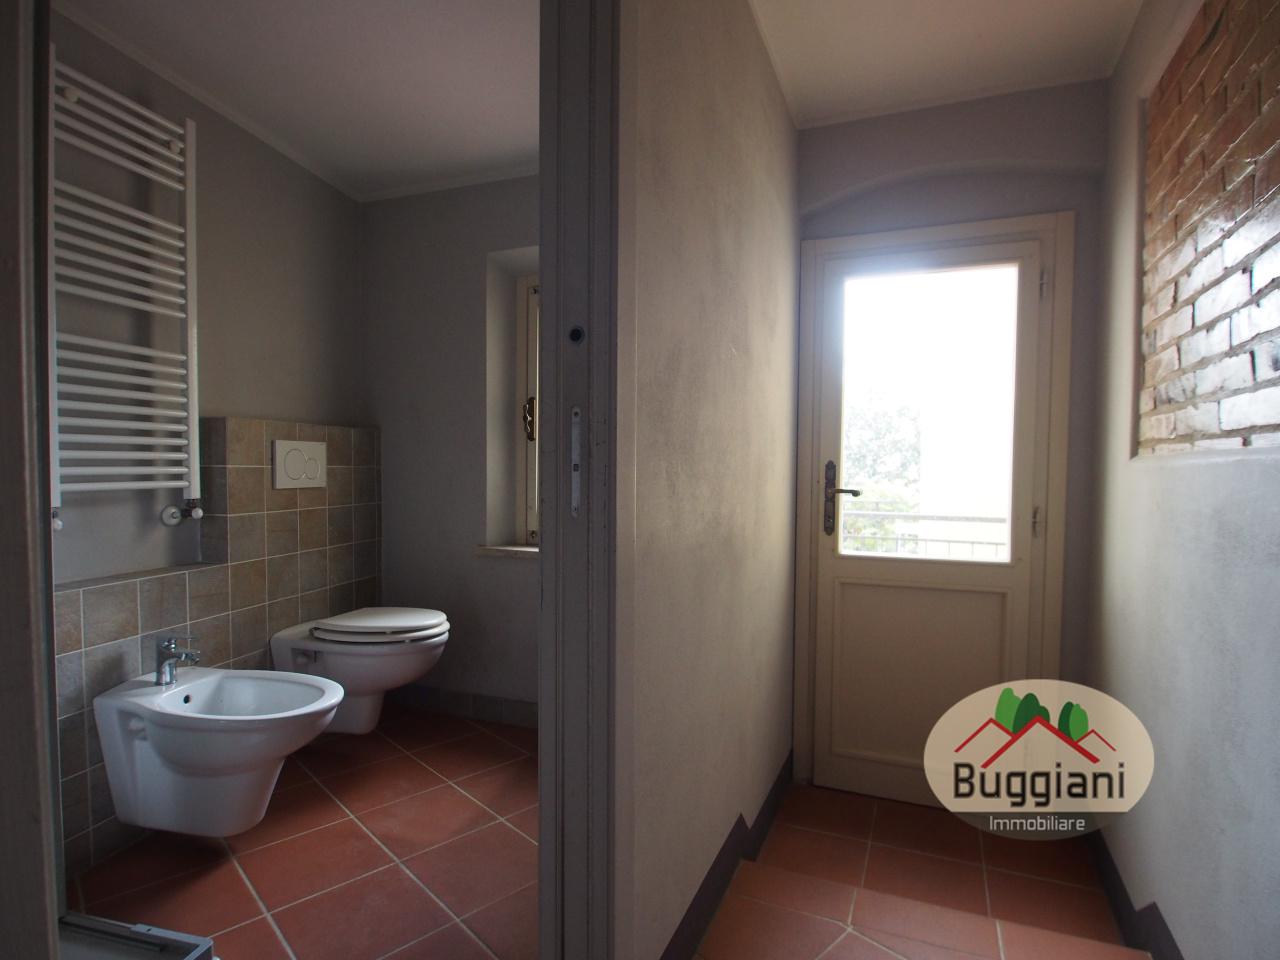 Appartamento in vendita RIF. 2168, San Miniato (PI)